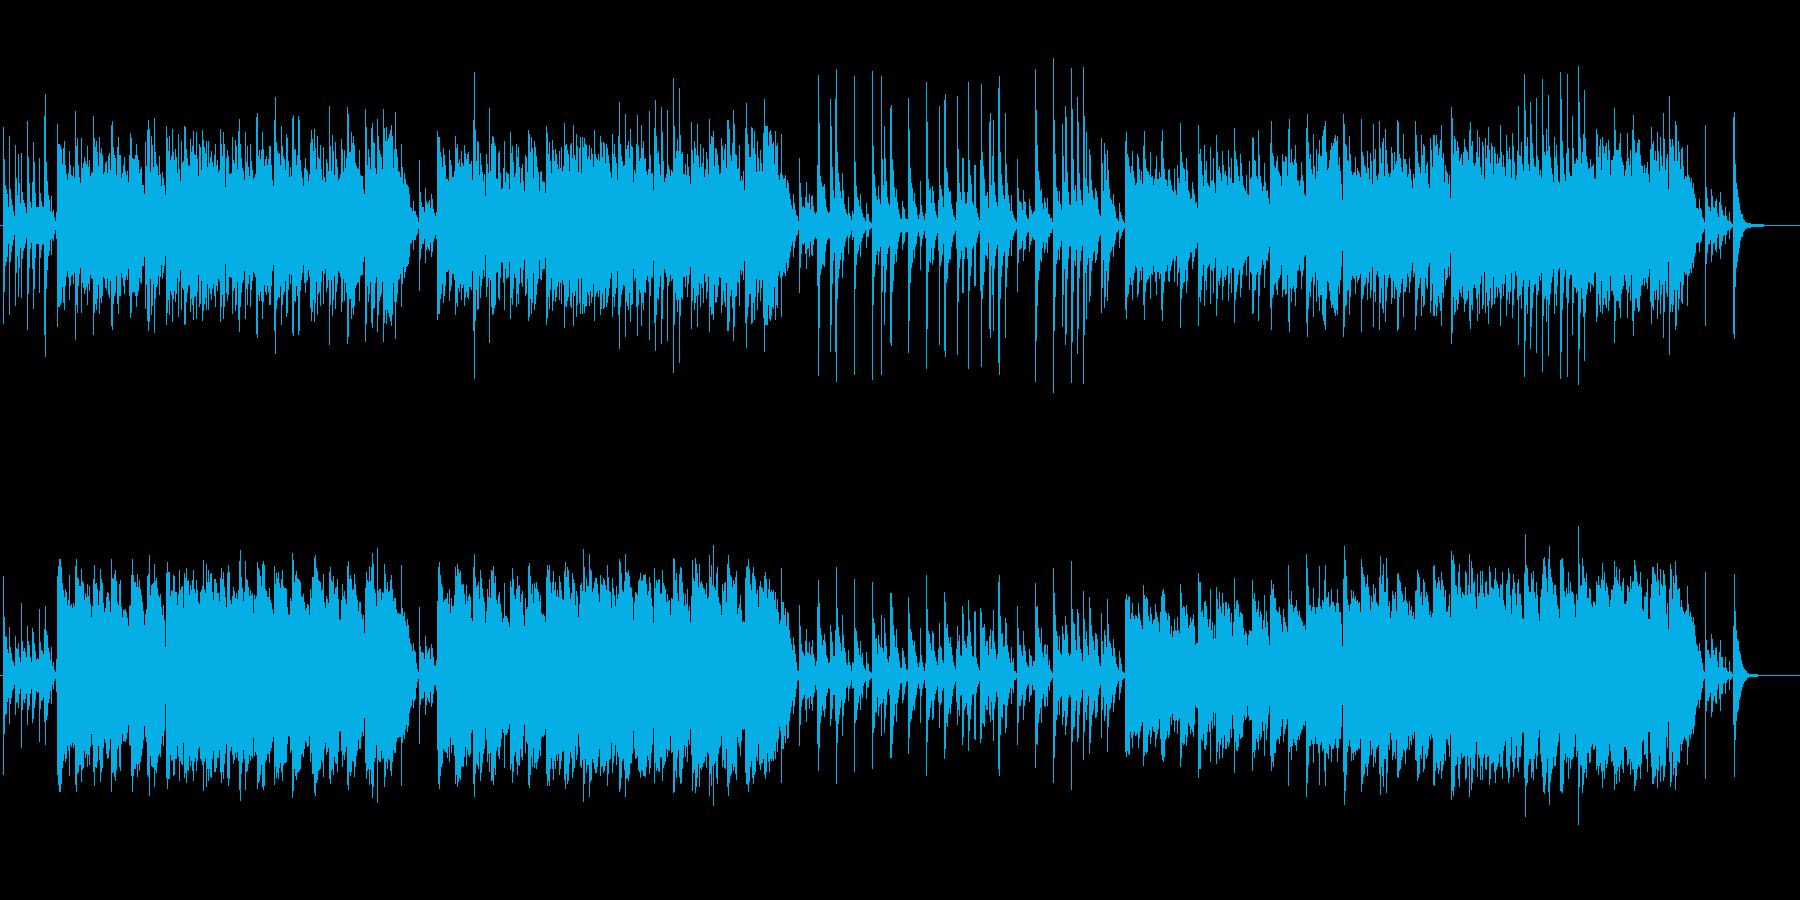 黄海伝来の舟歌風の再生済みの波形